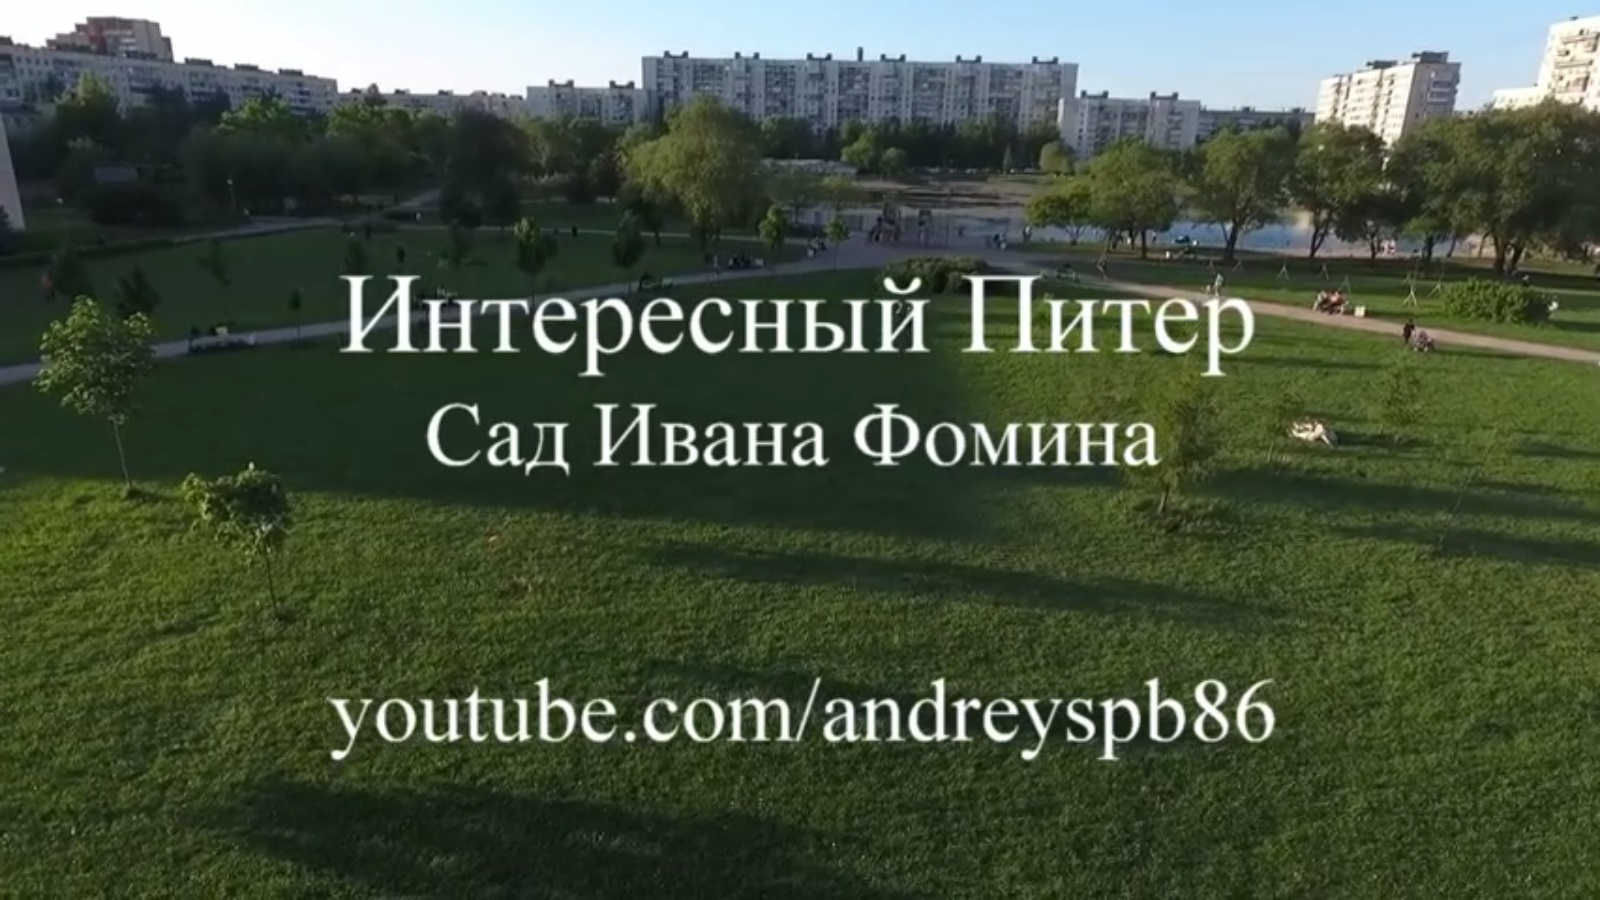 Интересный Питер - Сад Ивана Фомина